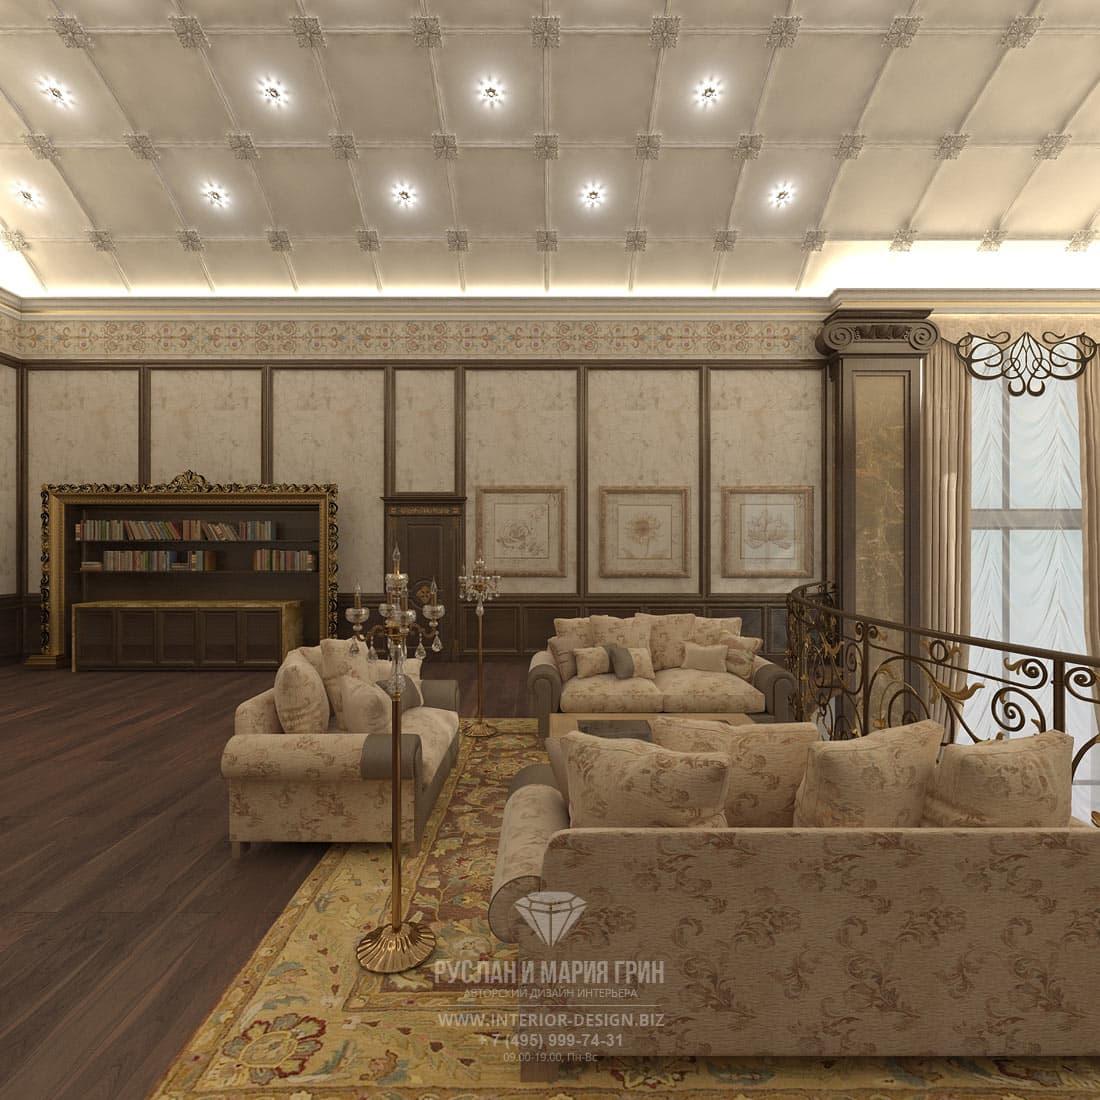 Дизайн интерьера коридора второго этажа